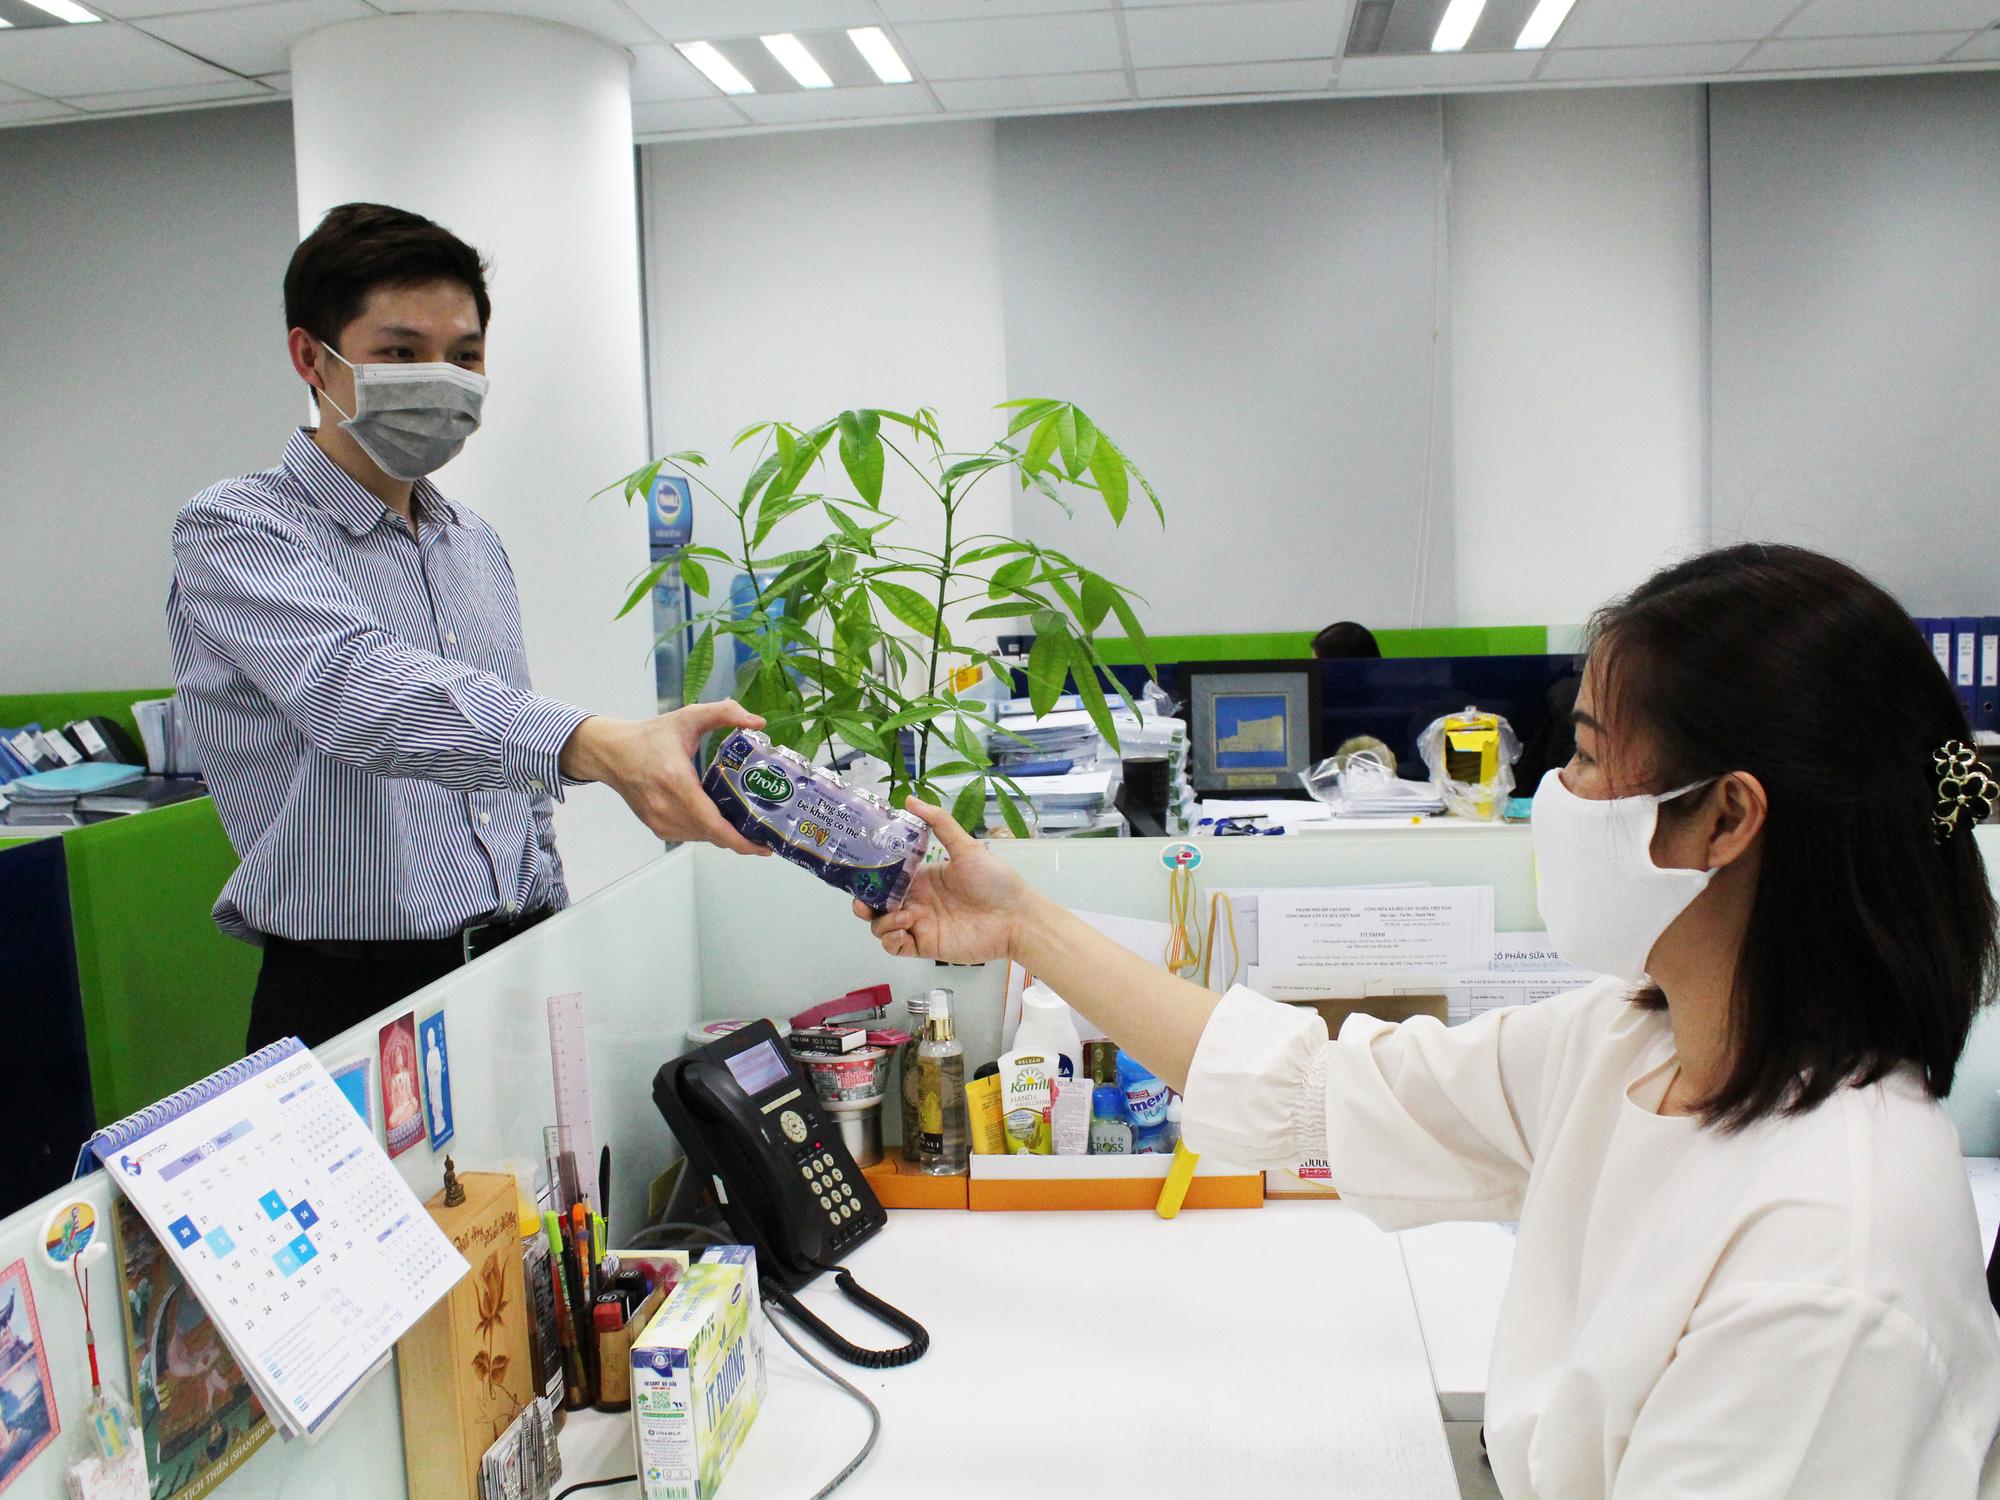 Doanh nghiệp nỗ lực bảo vệ sức khỏe người lao động trong mùa dịch ...